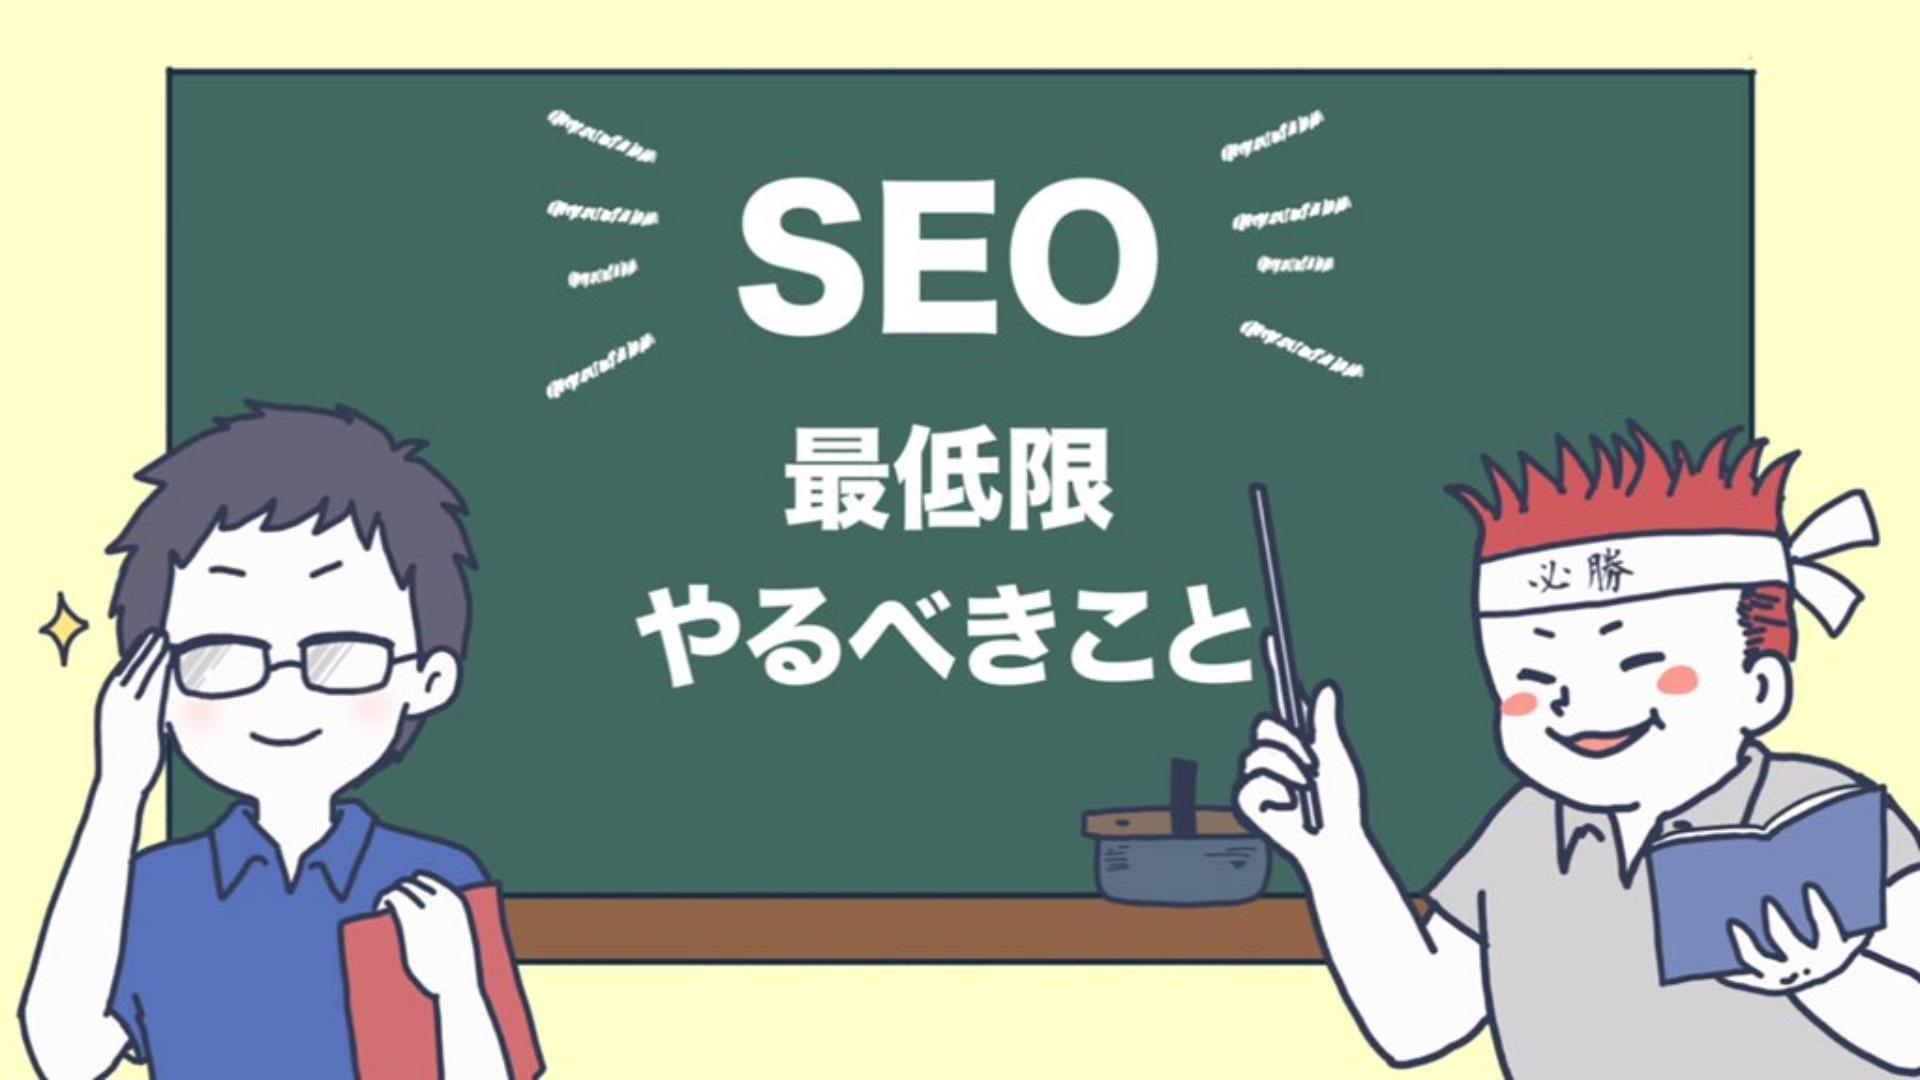 最低限やるべきブログの「SEO」